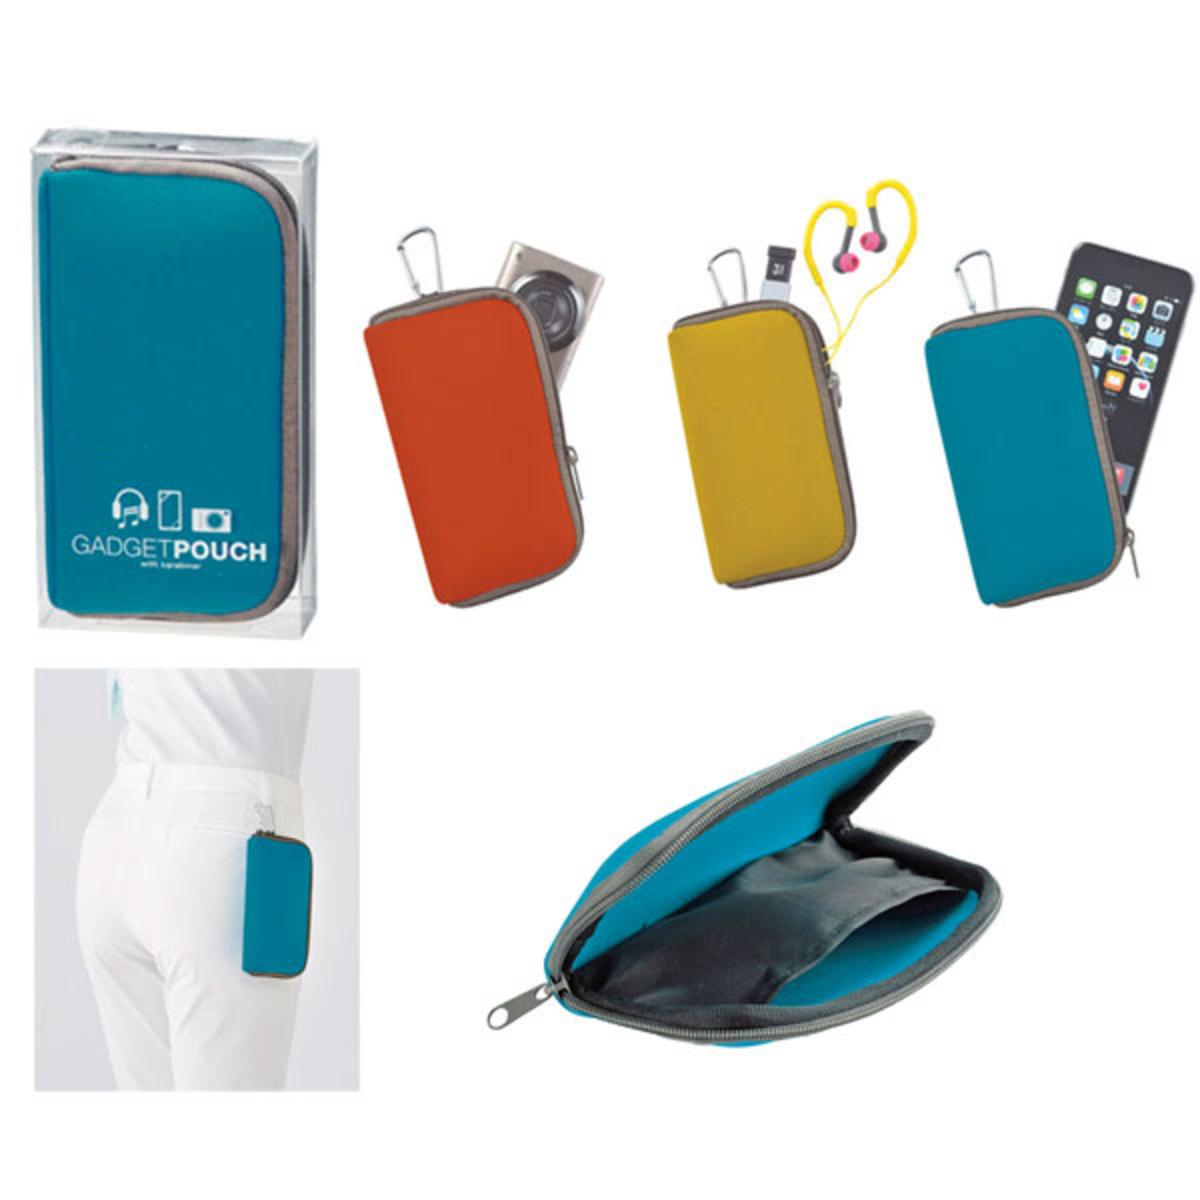 (藍色) 日本手提電話及小散件儲物袋 連扣